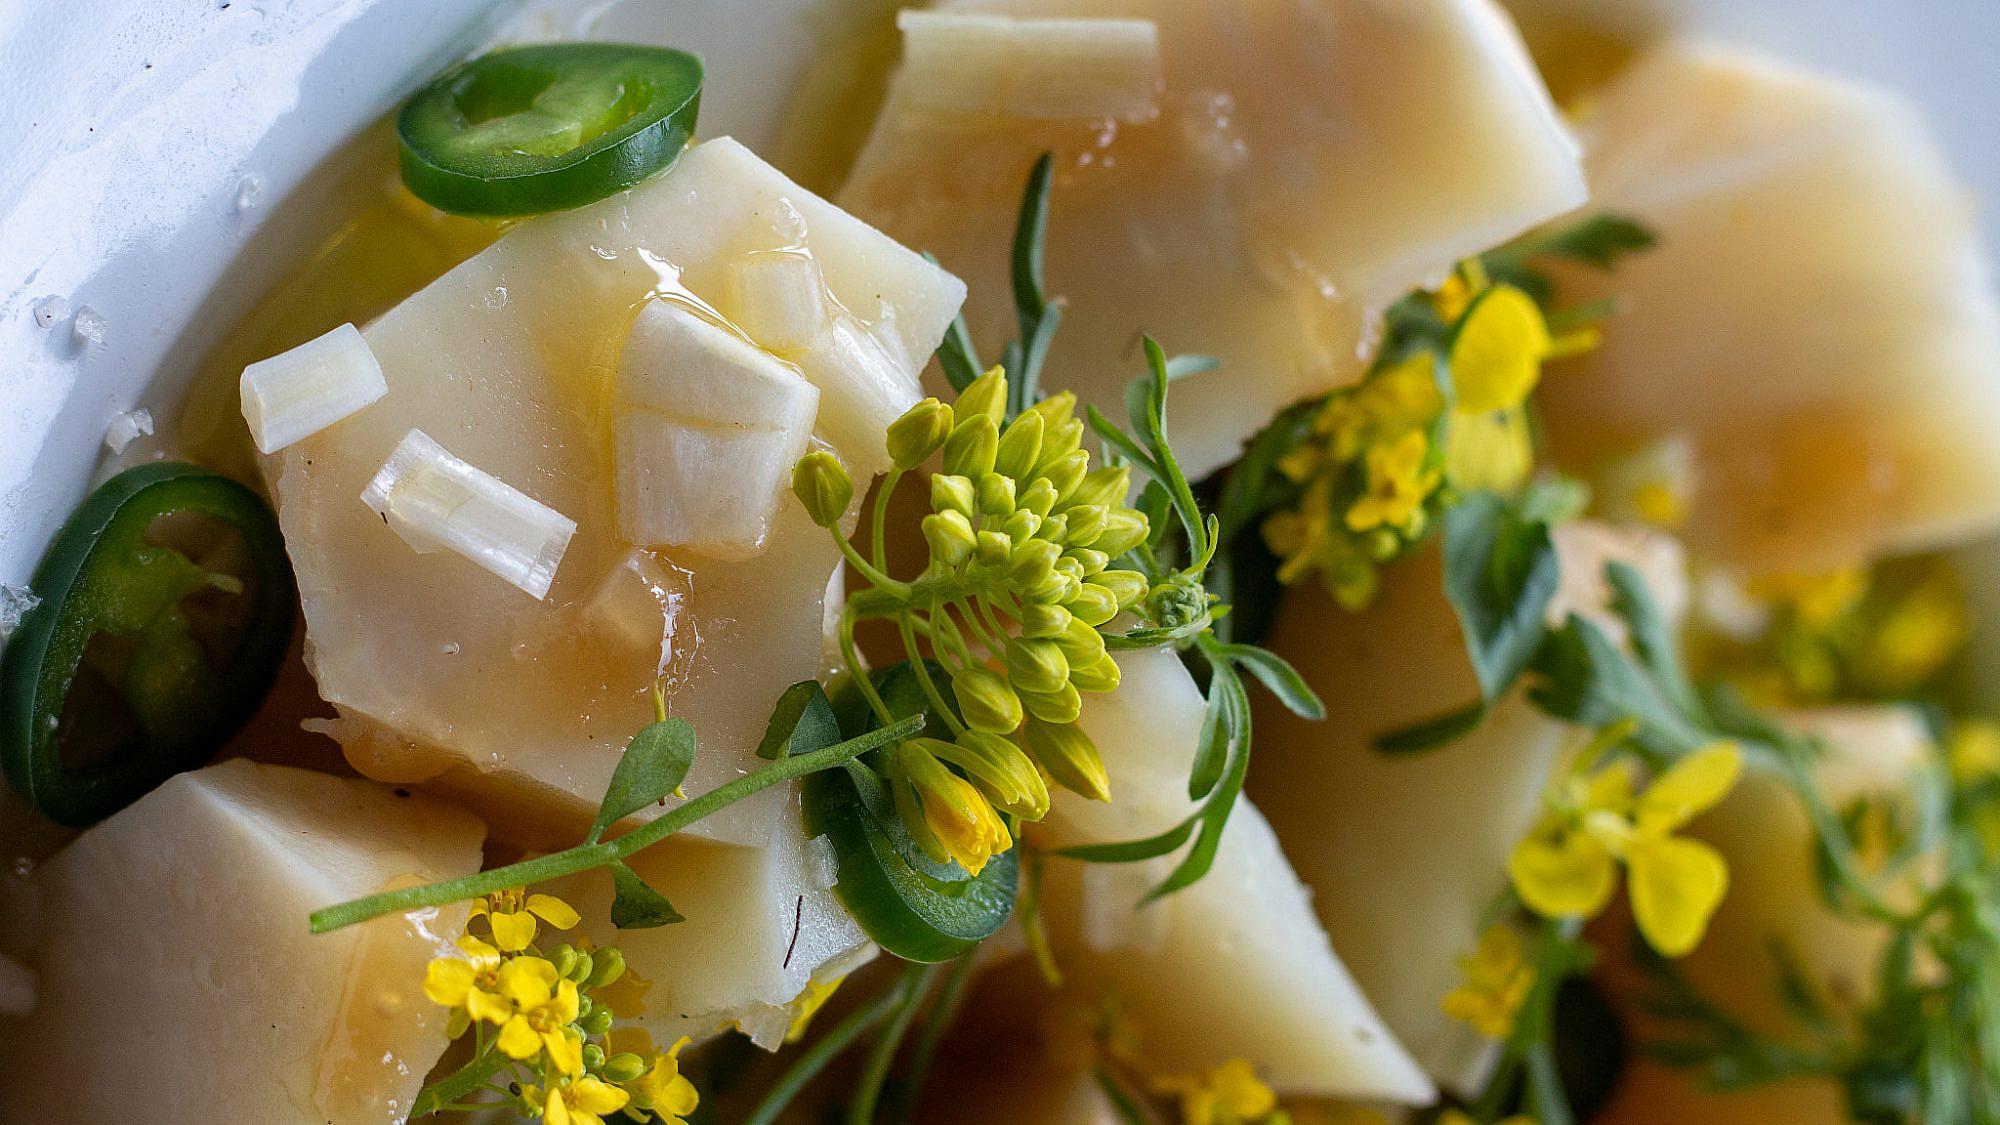 סלט שורש סלרי, שום ירוק ודבש של ארז קומרובסקי. צילום: מתן שופן